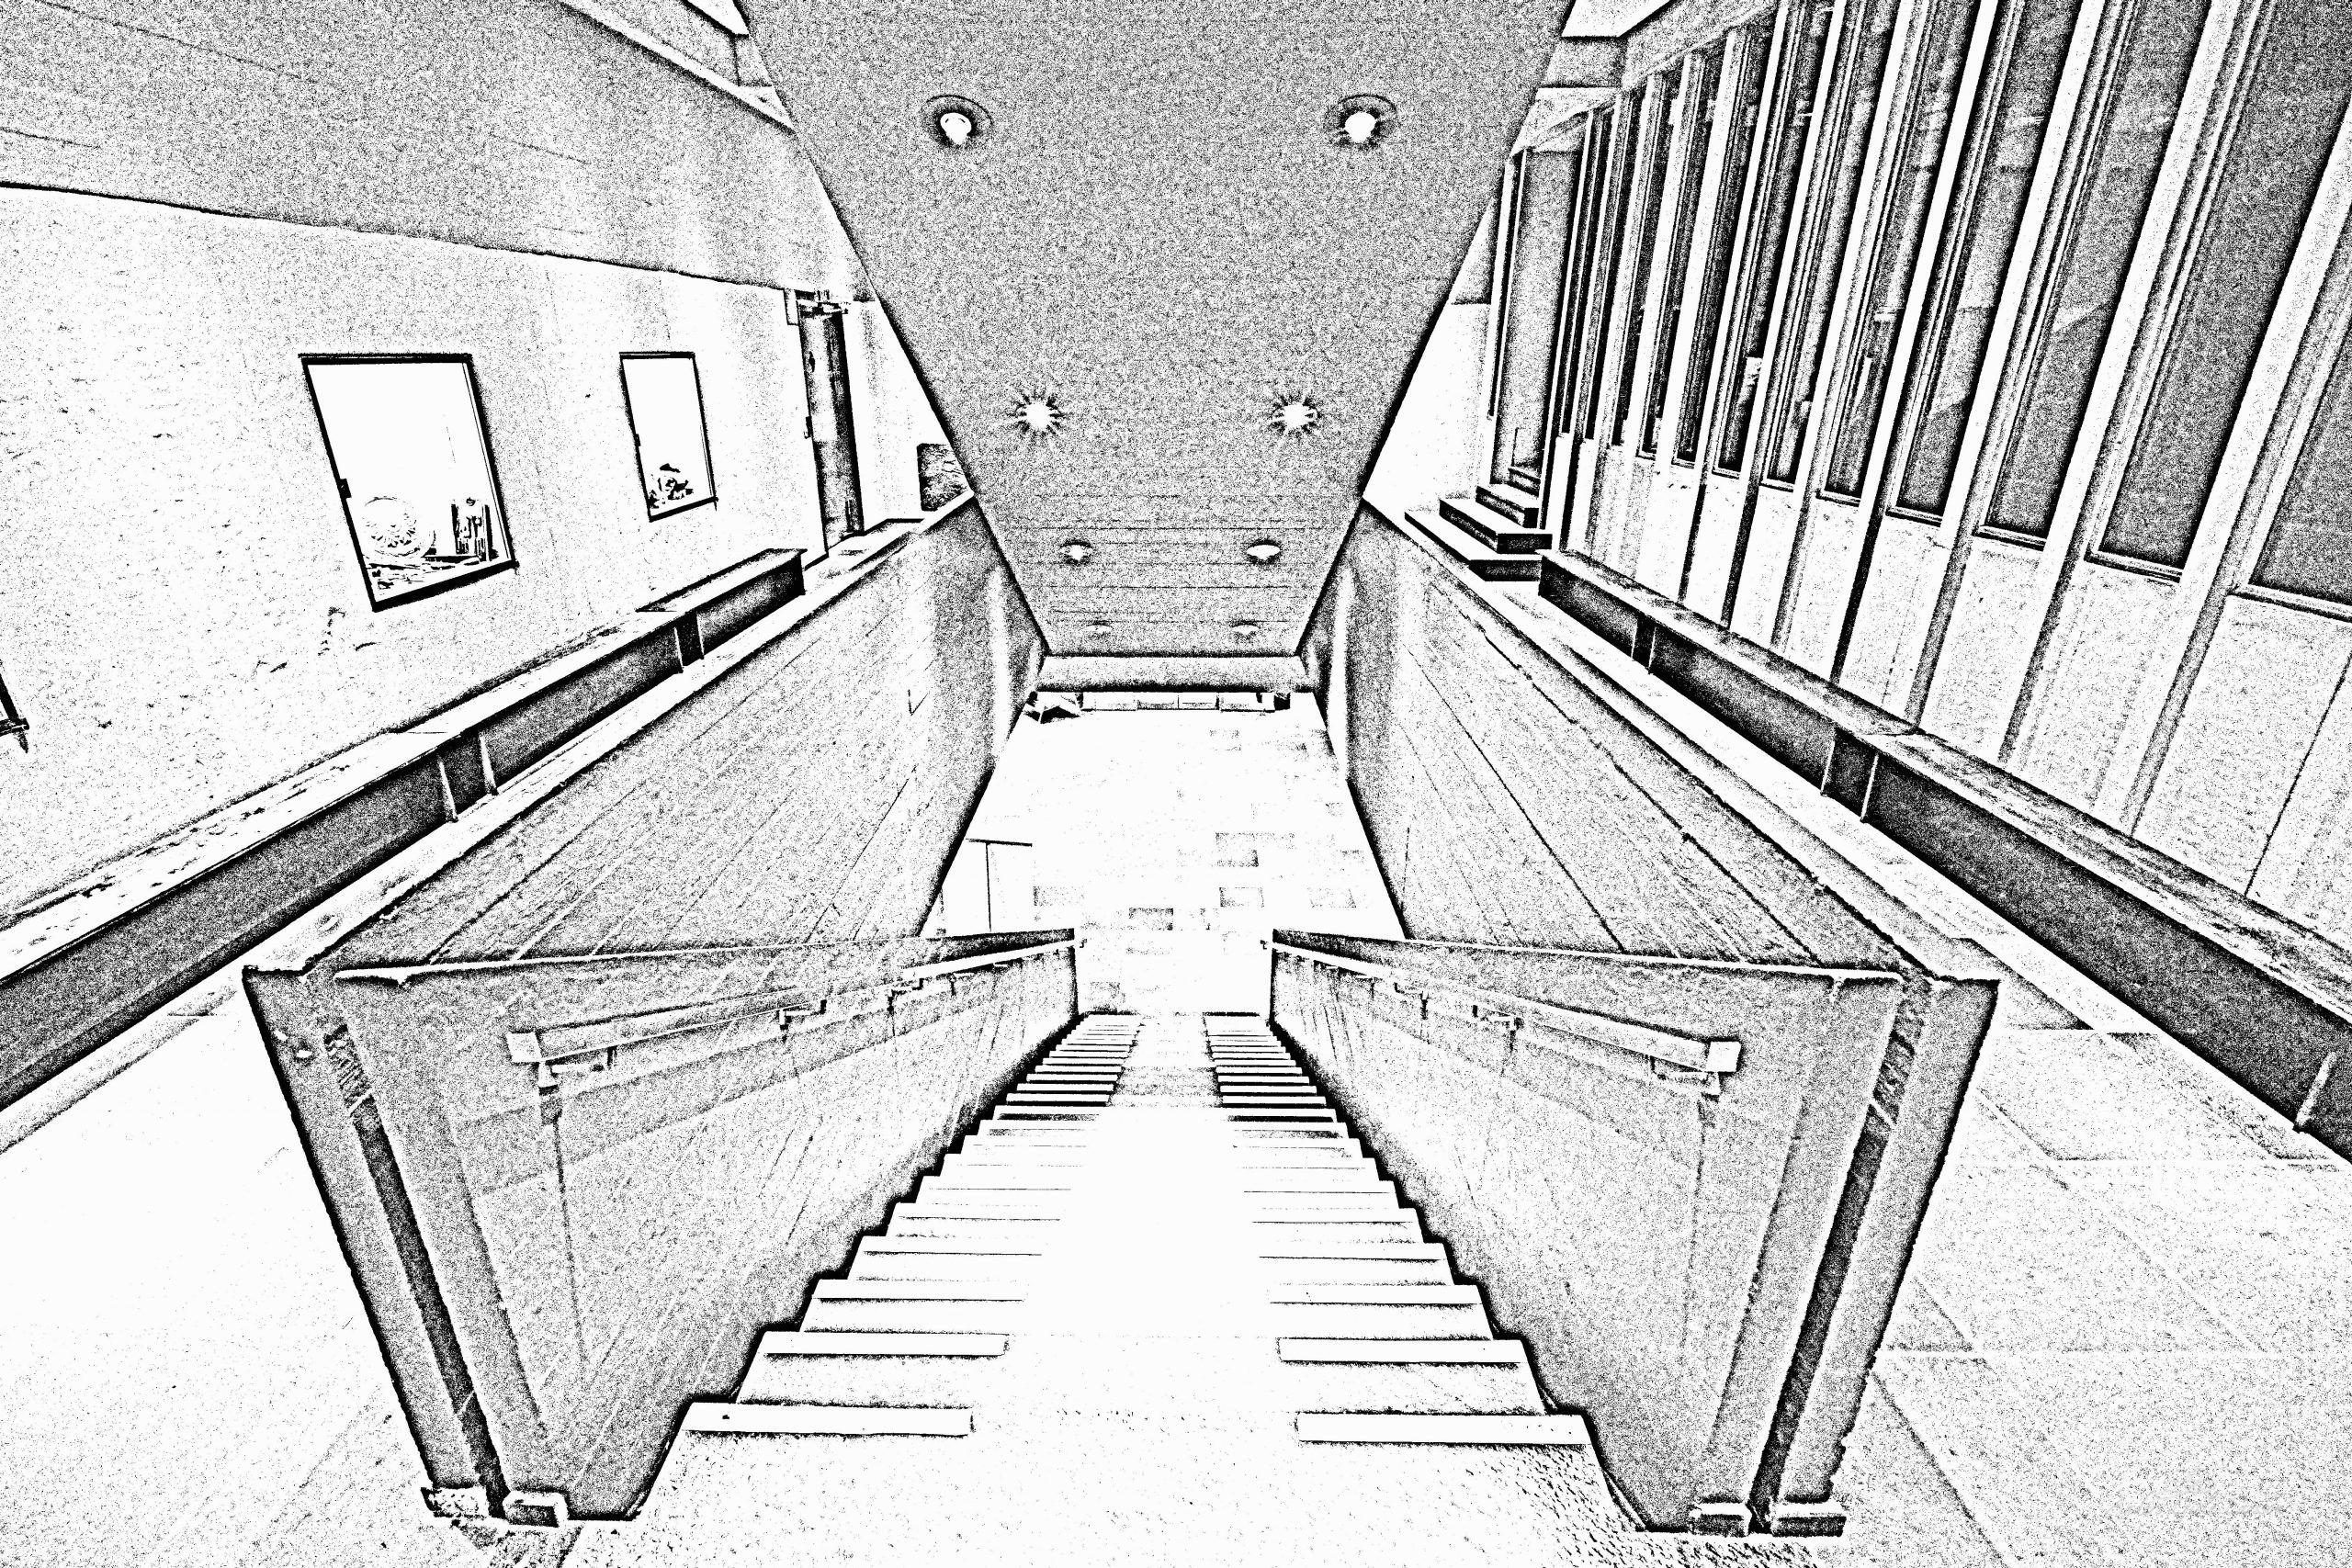 Etage, Kontur, Uge 8, 50/365, Kulturhuset, Randers